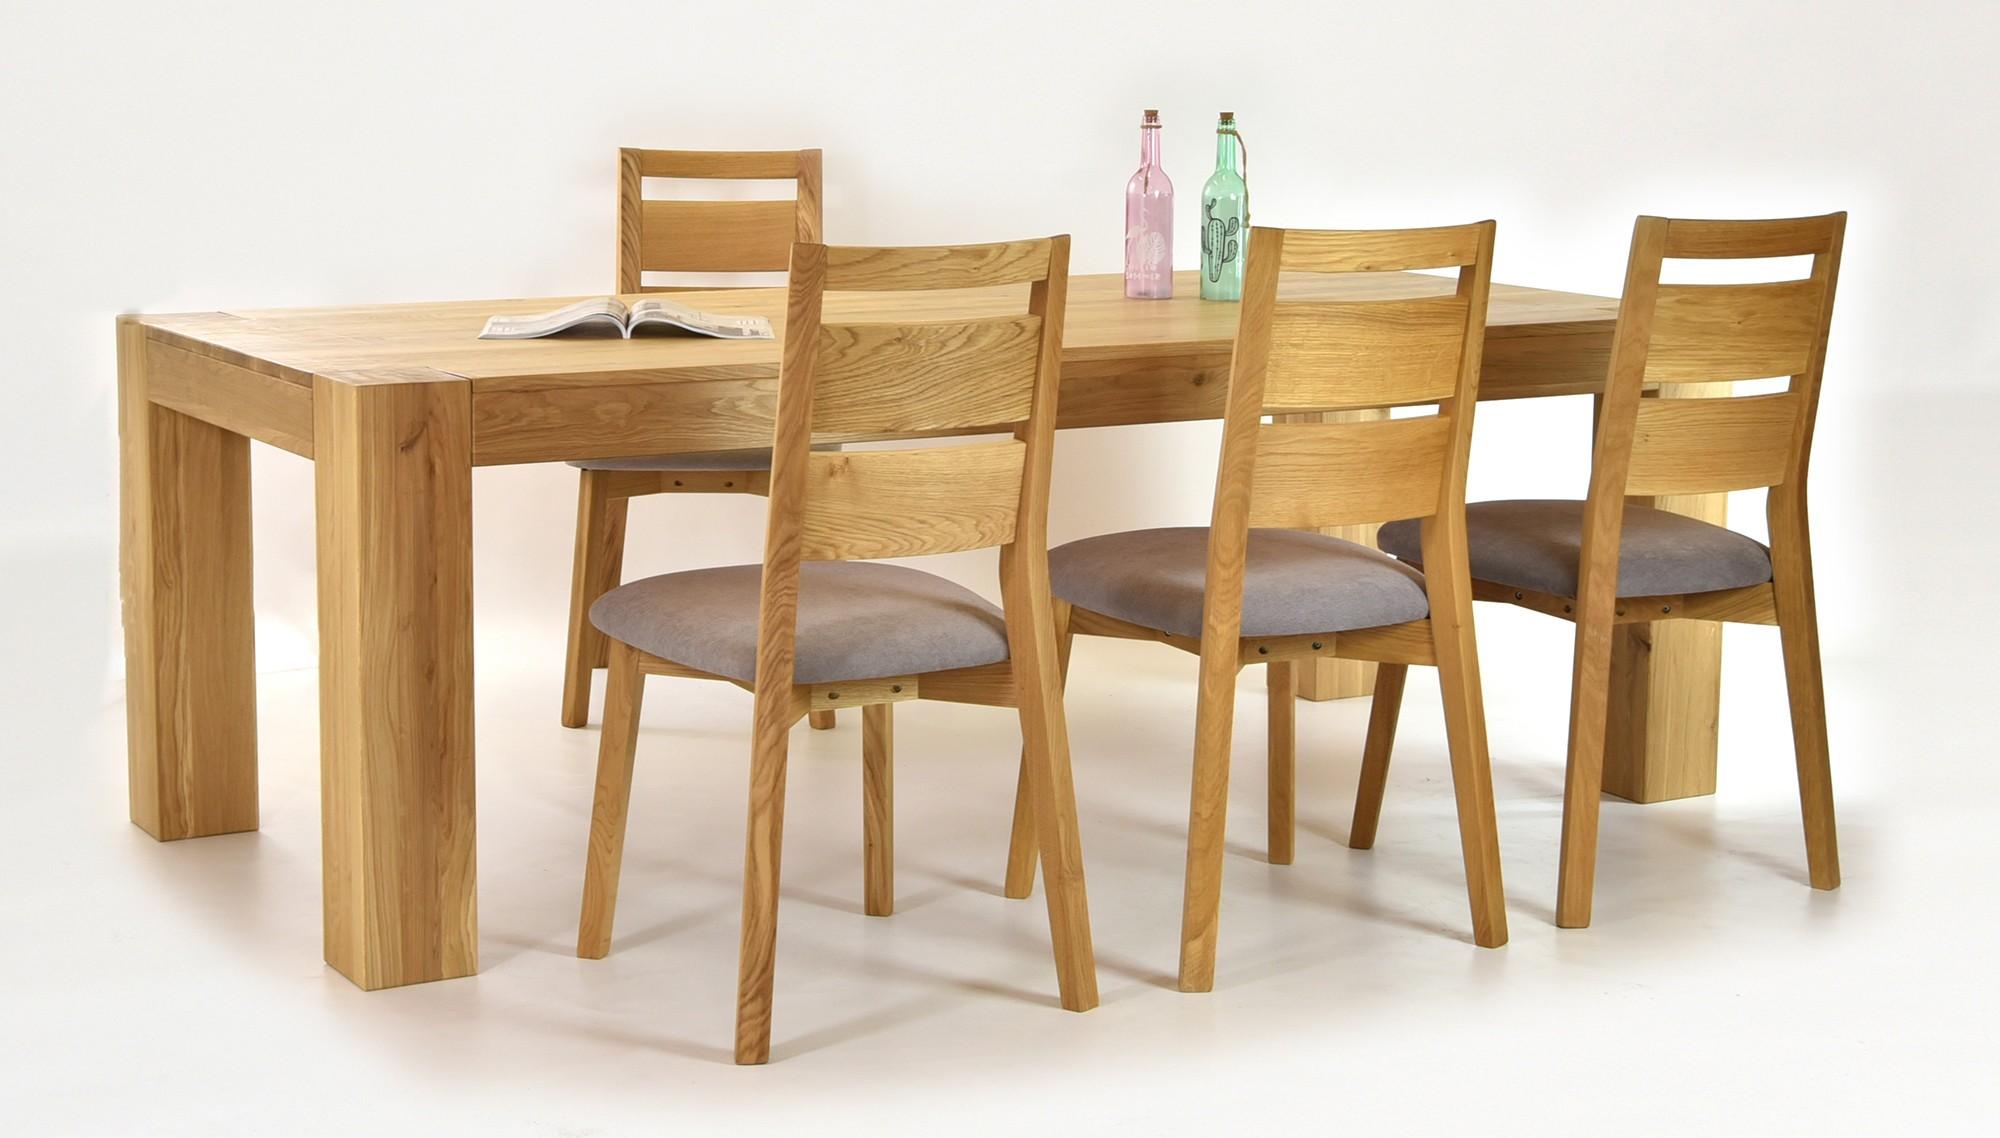 cddf6e9e961b Dubový stôl do jedálne 180 x 100 a dubové stoličky 4 ks možnosť vyrobiť aj  stôl 220 x 100 a doobjednať ľubovolný počet stoličiek